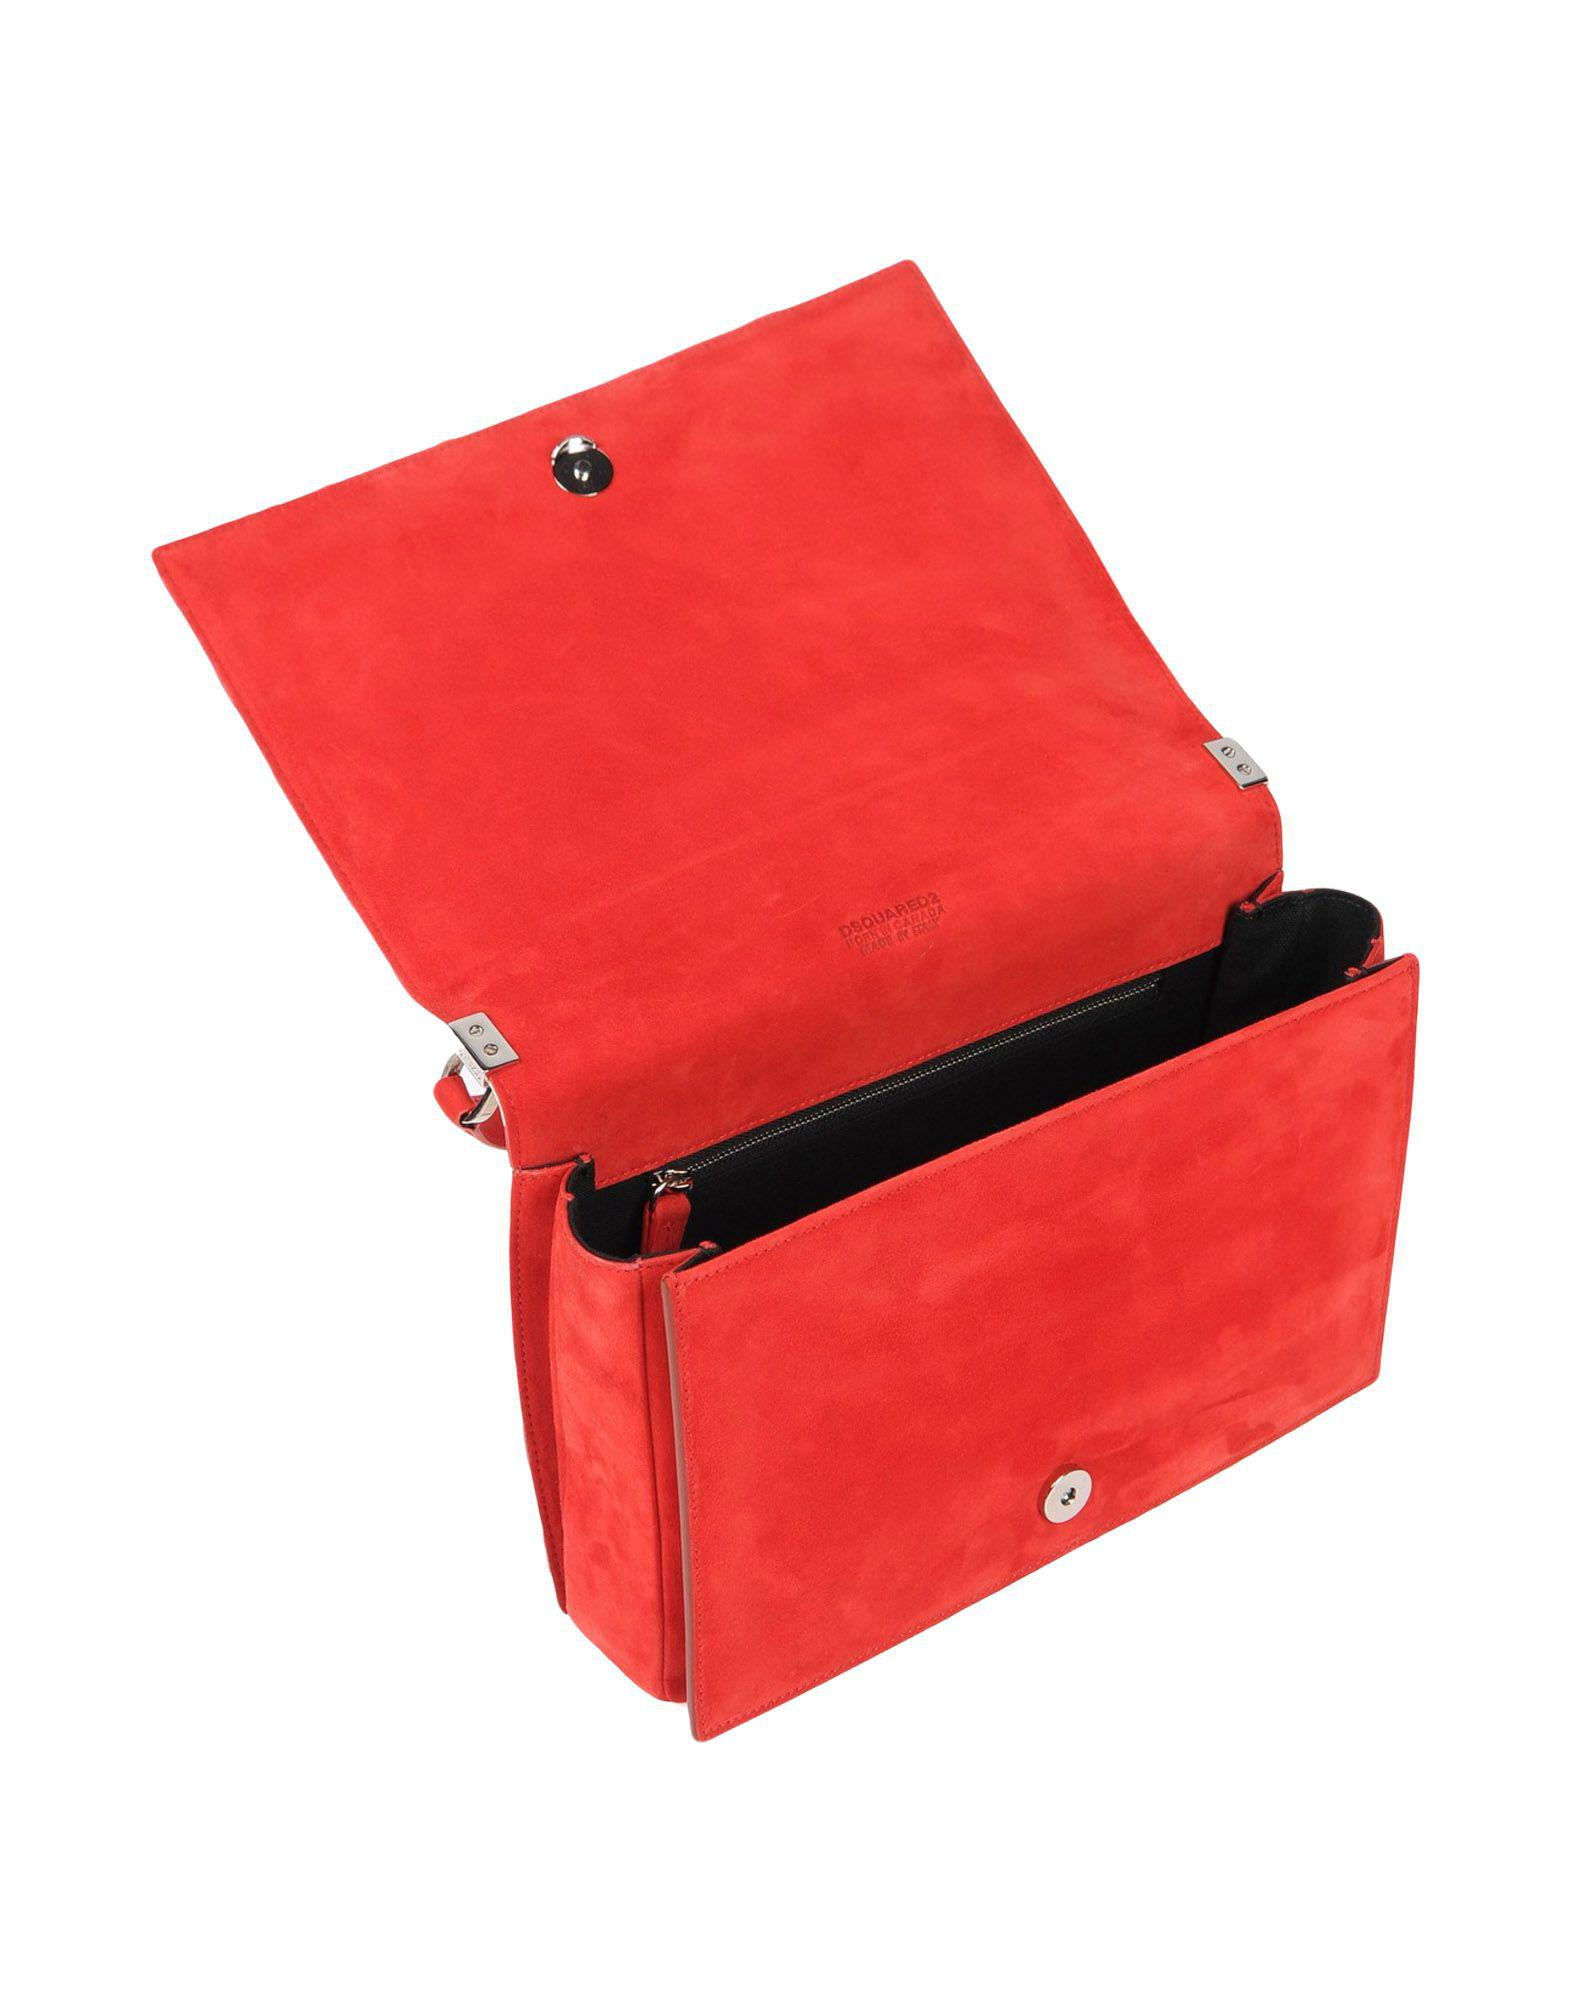 DSquared² Wildleder Handtaschen in Rot hv95B